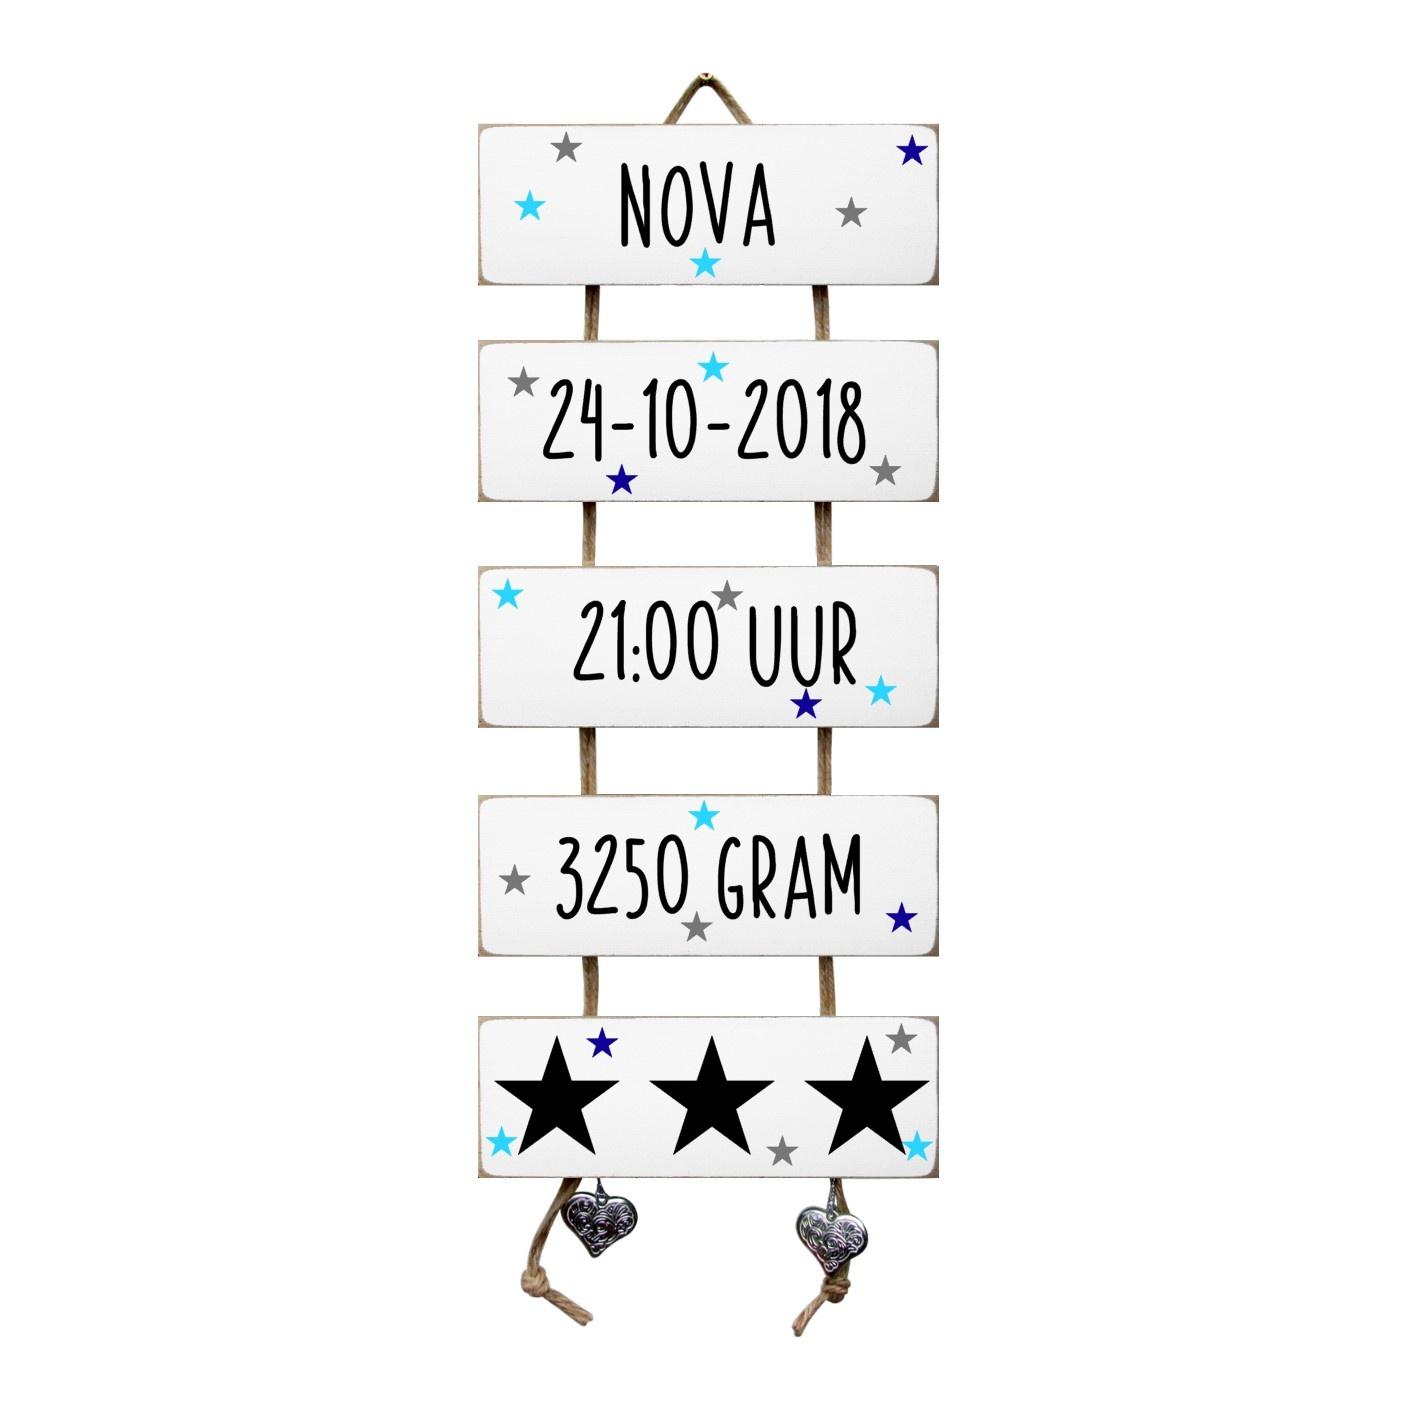 Kraamcadeau Geboorteladder Nova